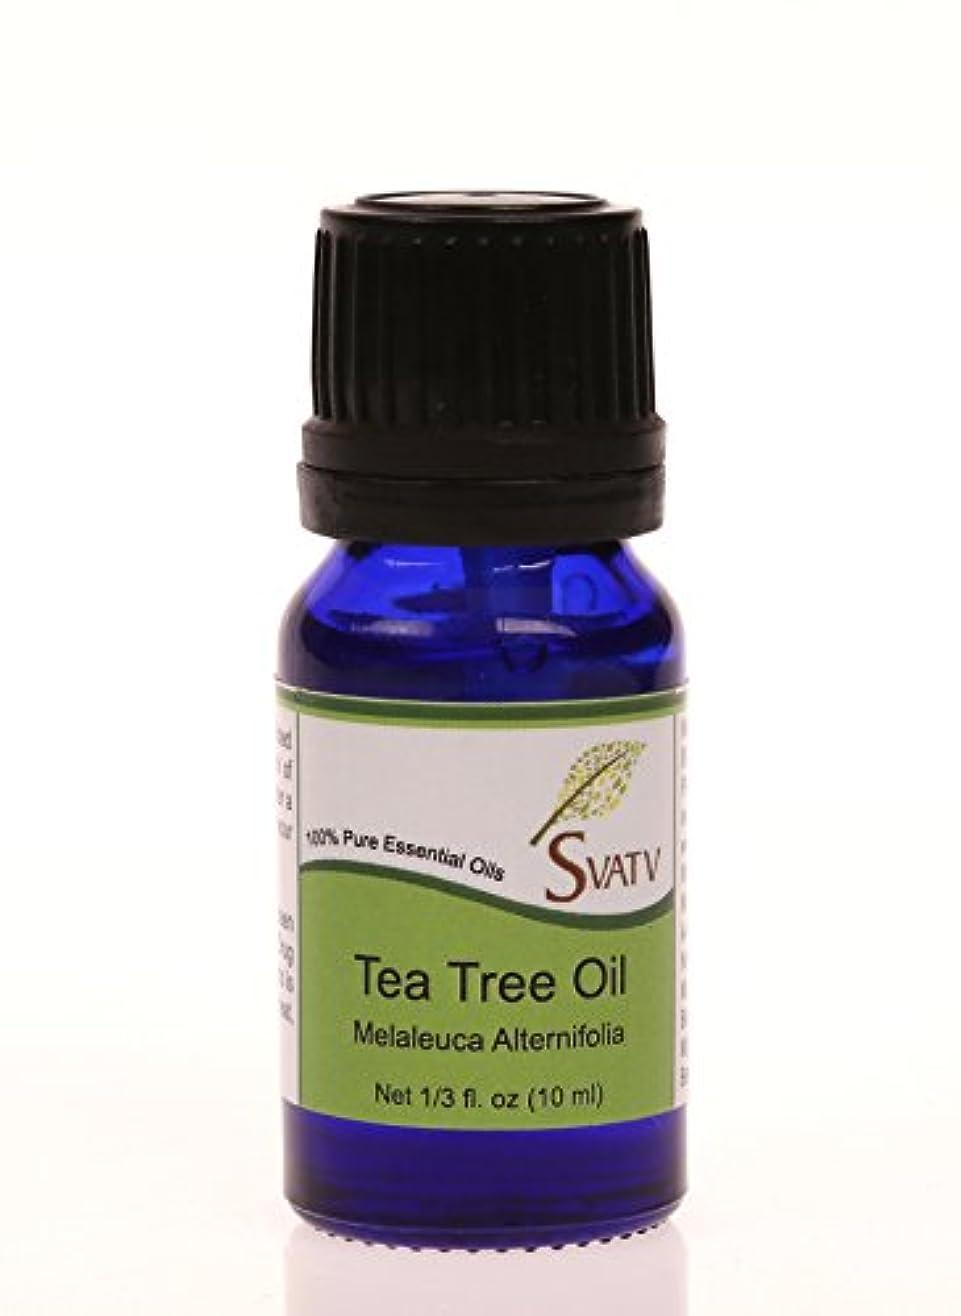 フィードバック誰権利を与えるSVATVティーツリー(Melaleuca alternifolia)エッセンシャルオイル10mL(1/3オンス)100%純粋な、希釈されていない、治療グレード